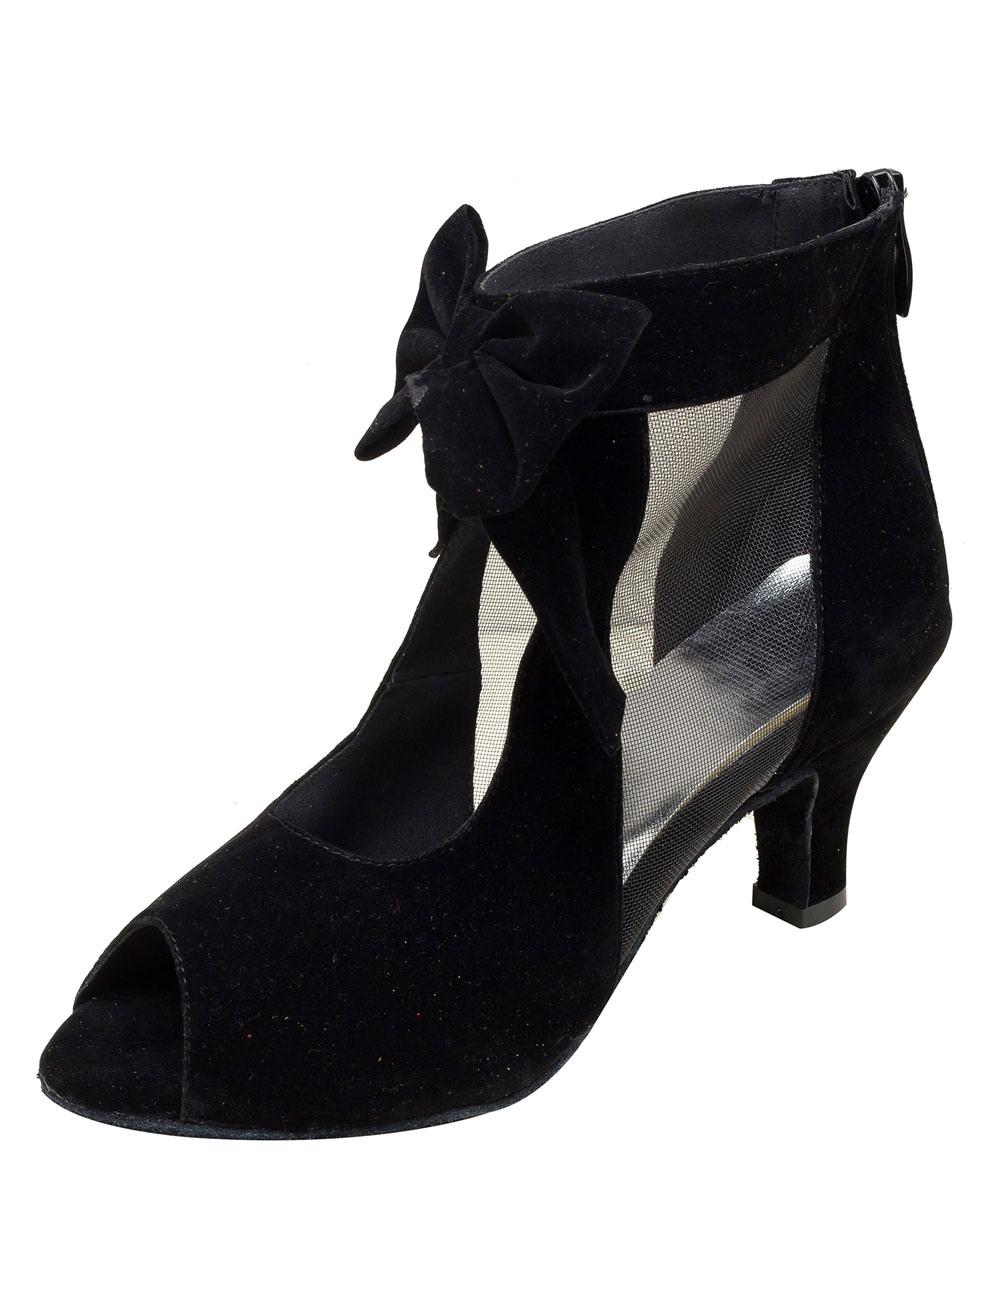 Zapatos de bailes latinos Piel sintética con lazo Tacón bobina para baile de punter Peep Toe wToZPmg